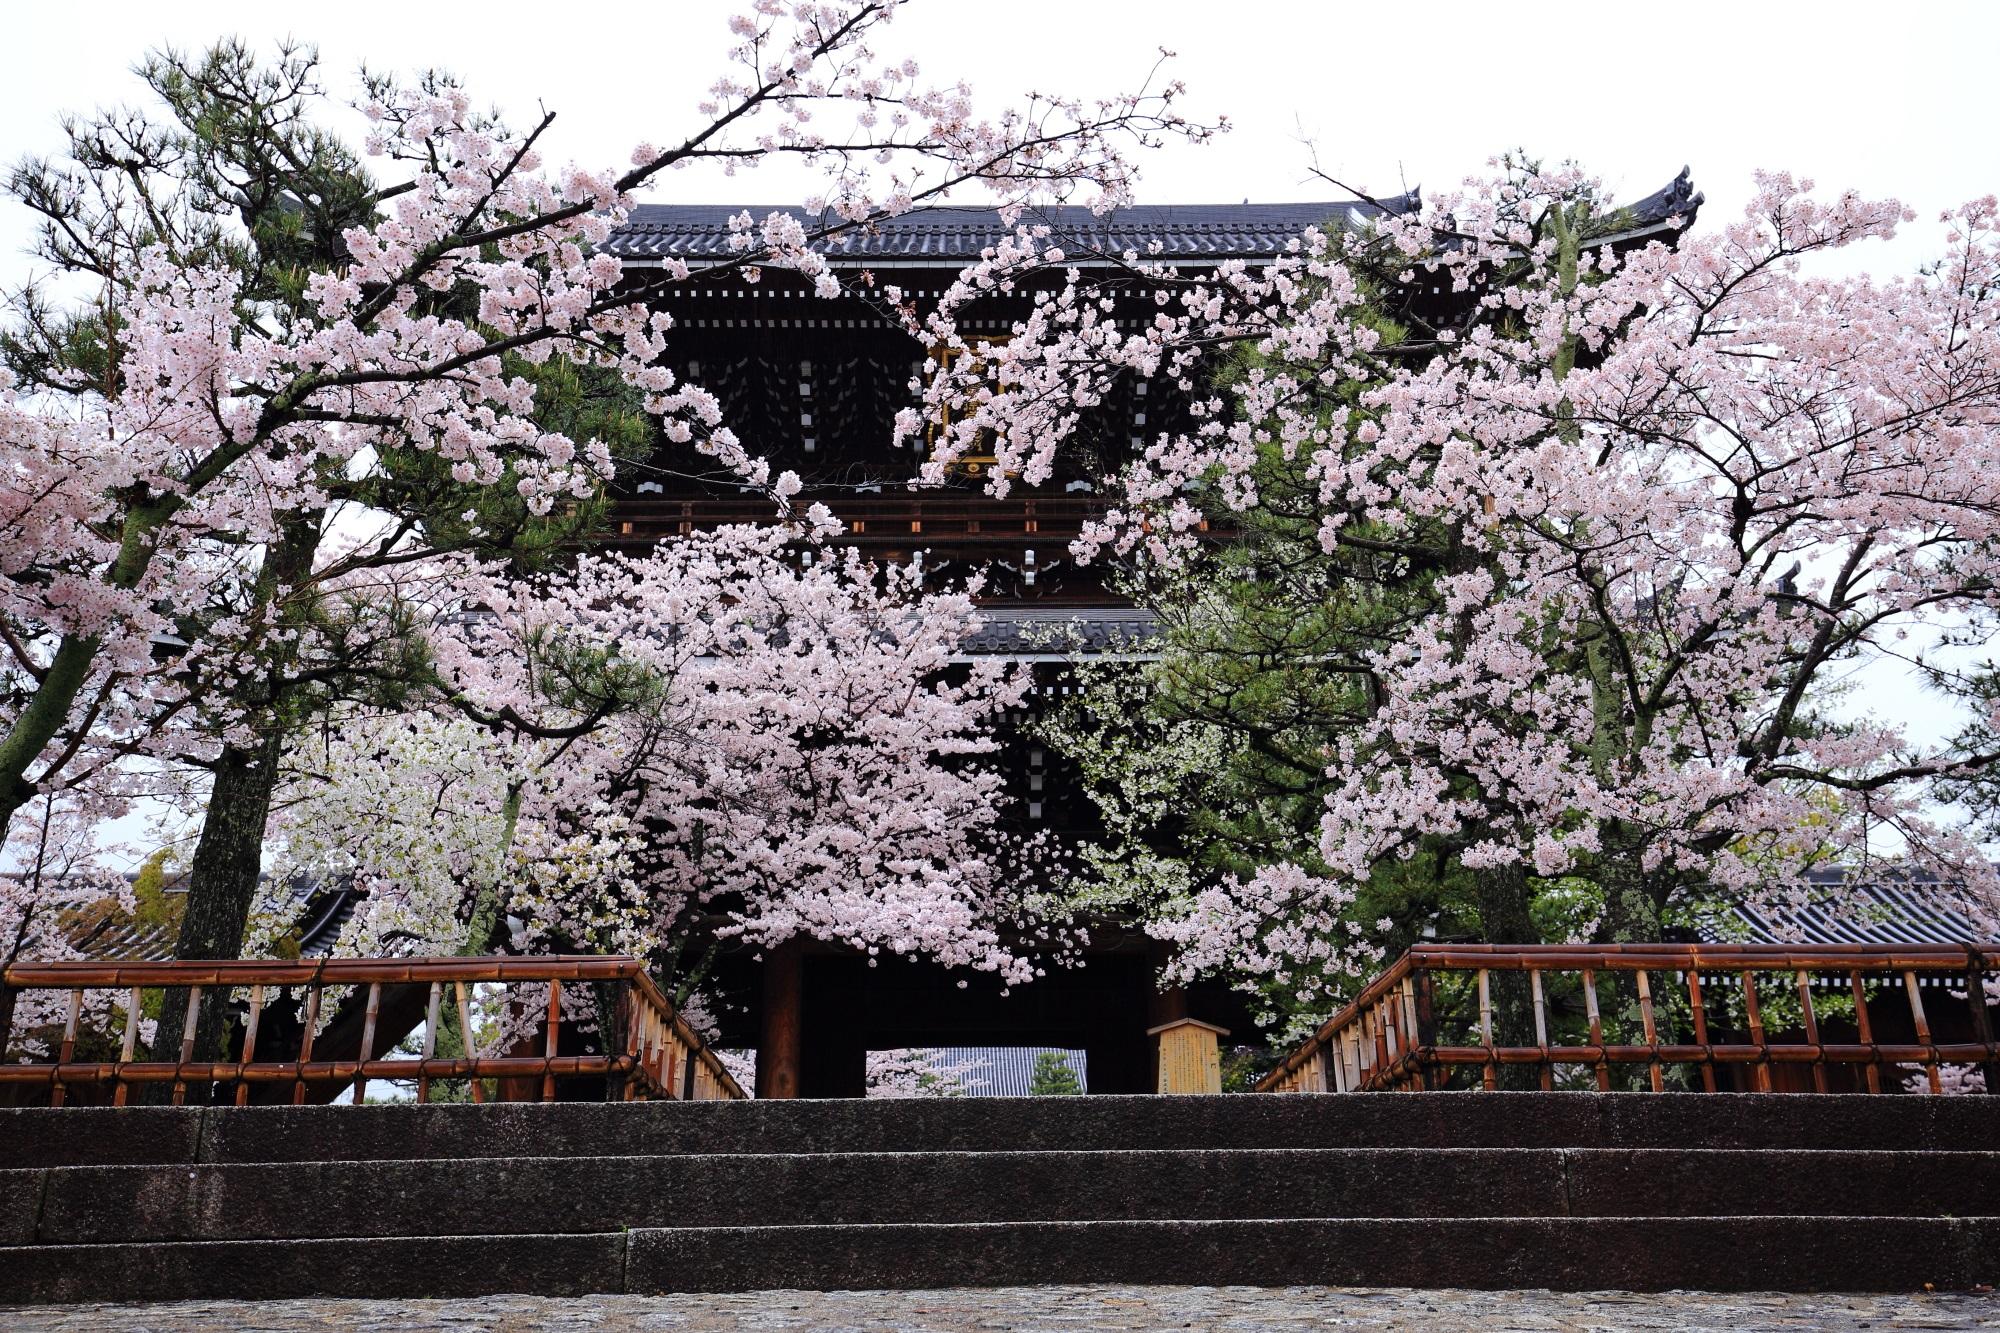 咲きすぎの桜に覆われる雄大な山門